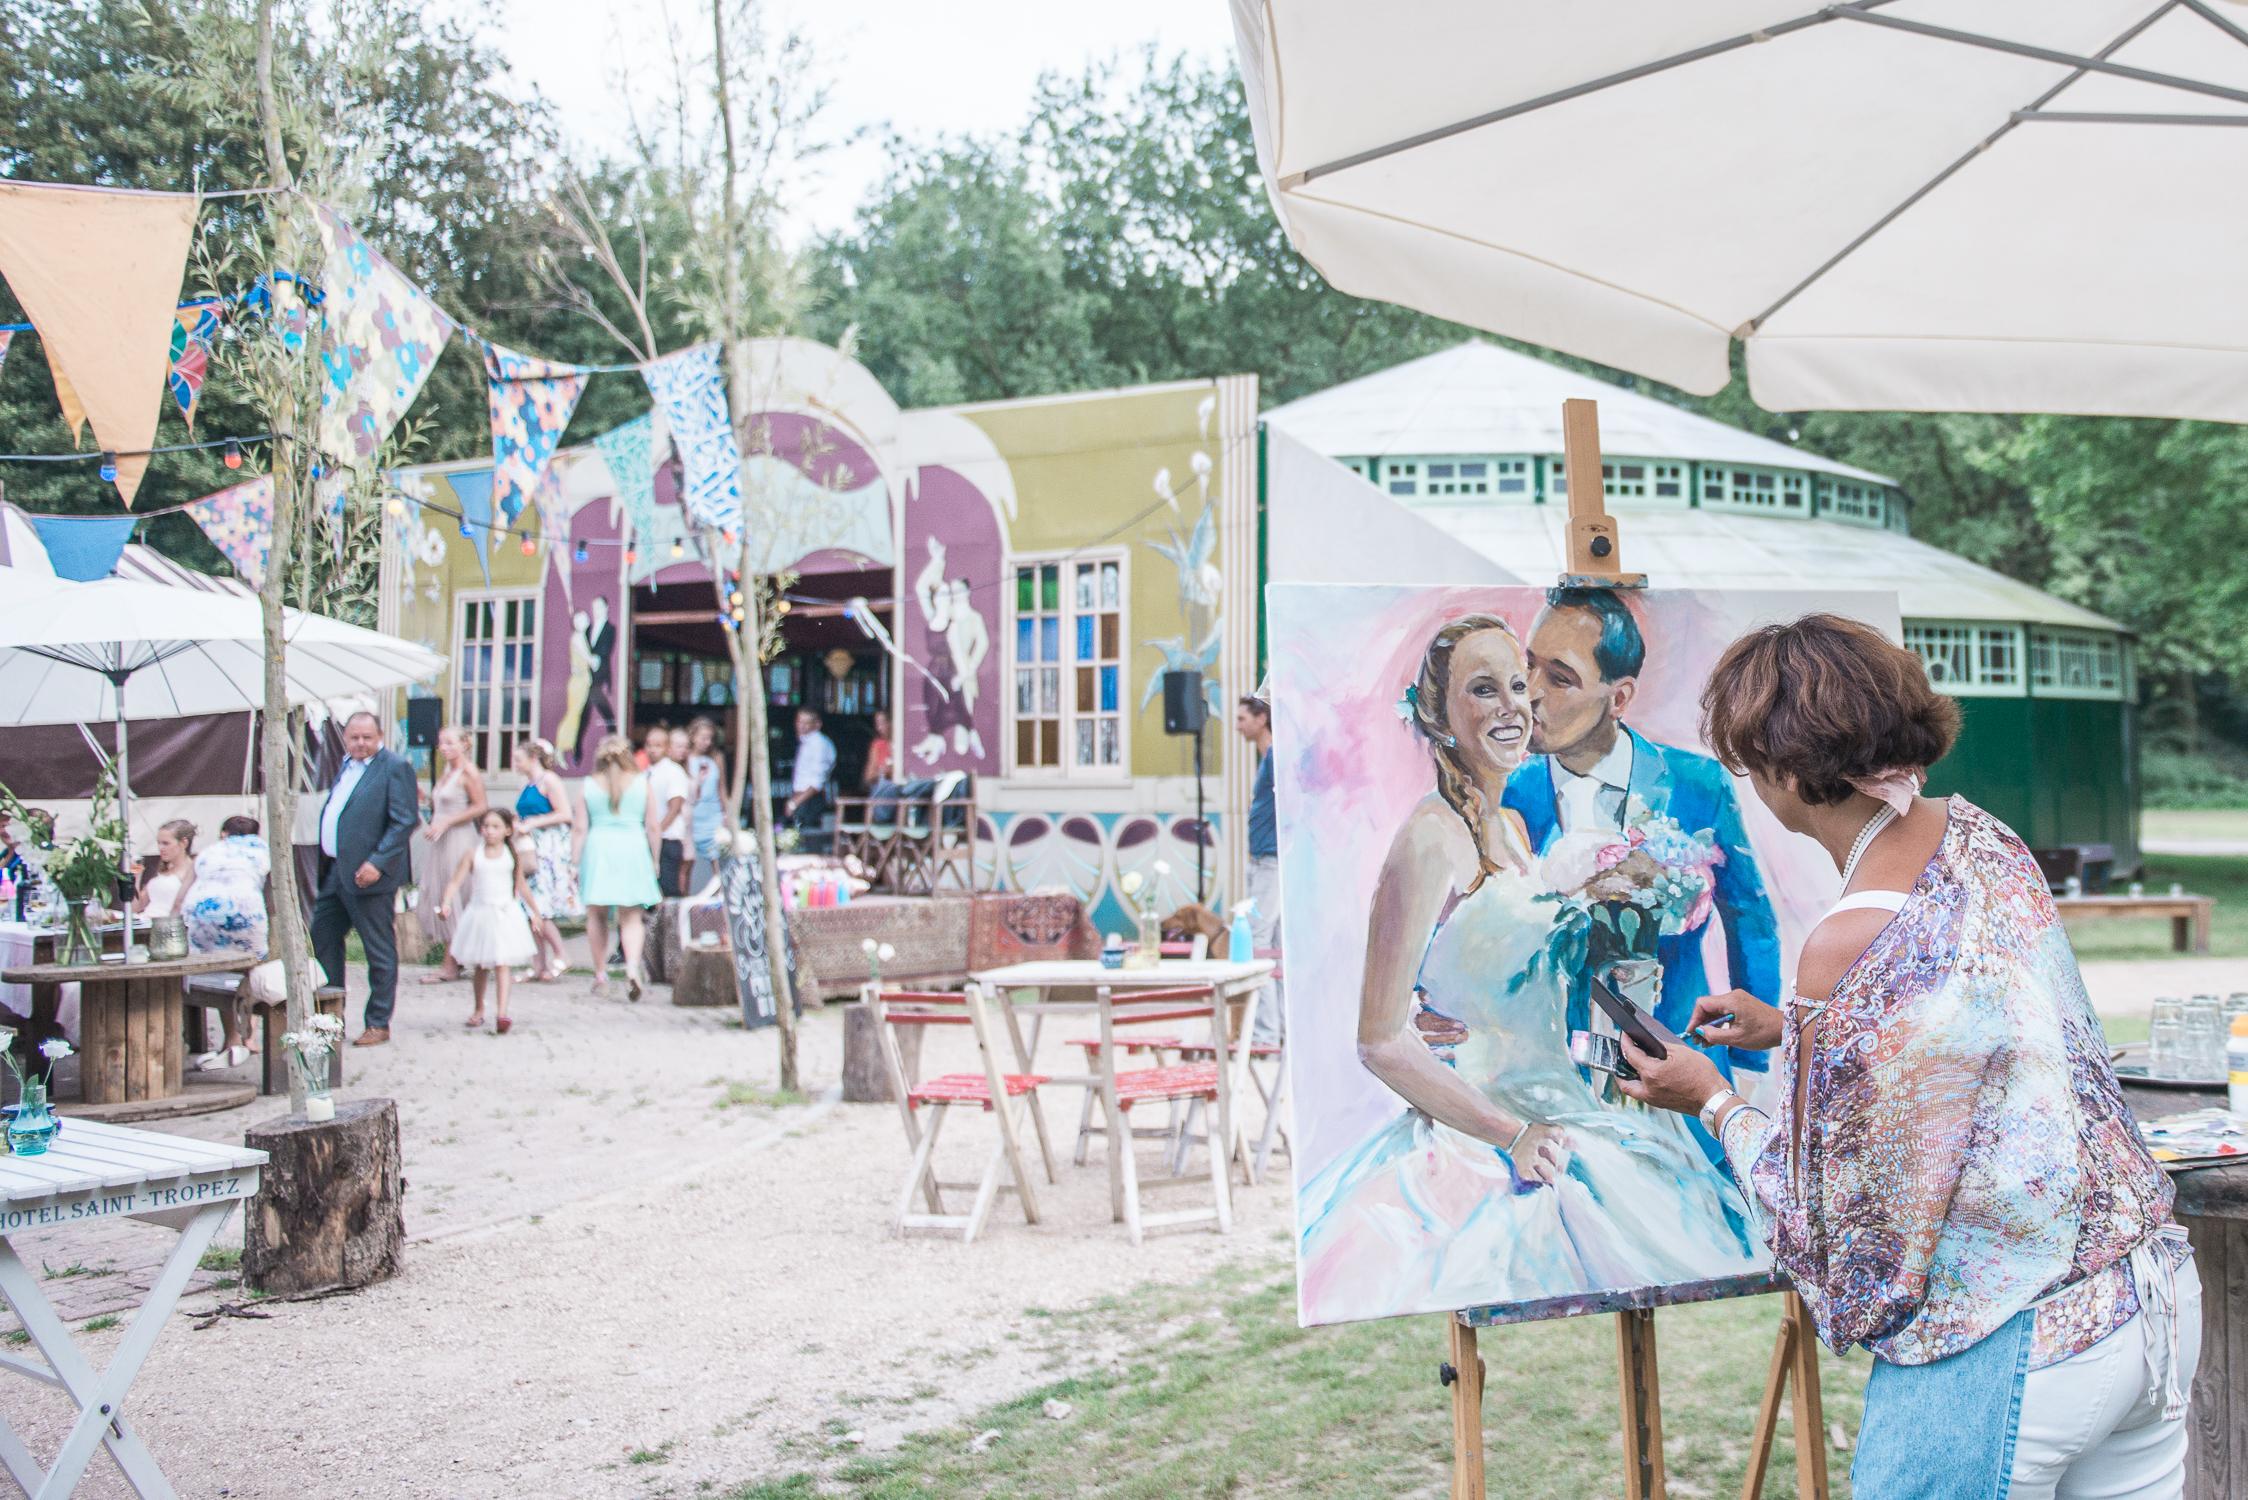 Elma van 't Hof of Live Paint painting live at a wedding at Kampeerterrein de Lieveling